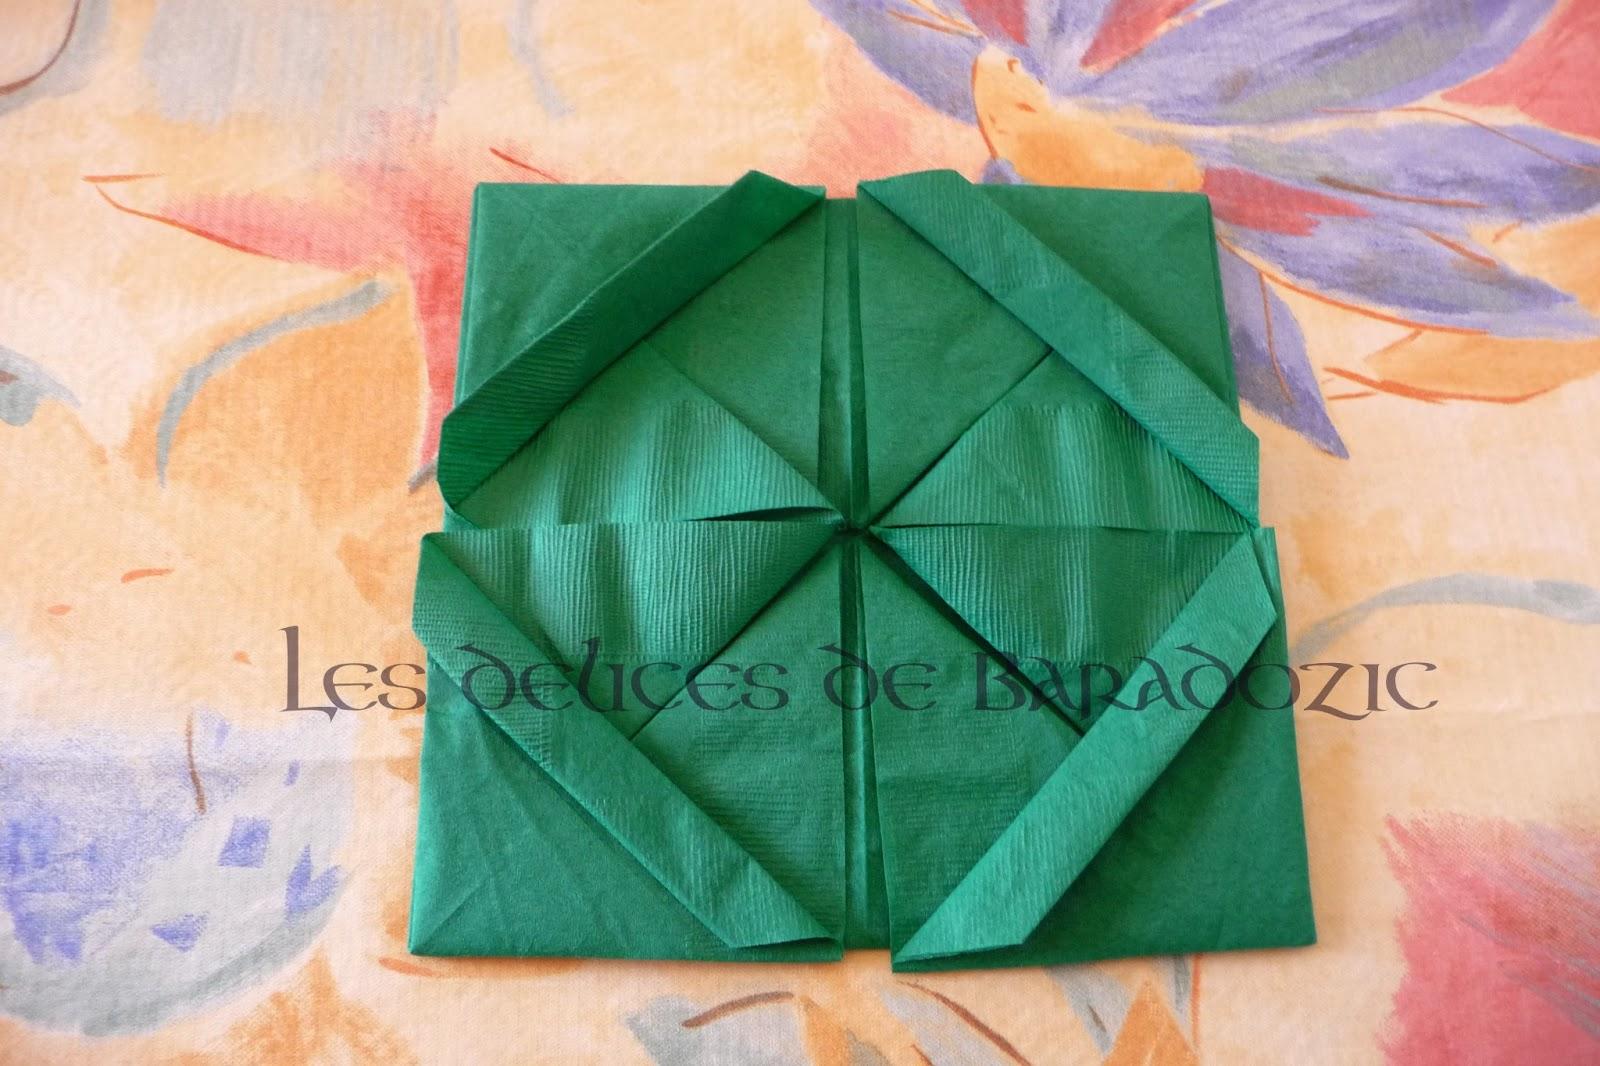 Plier une serviette en tr fle 4 feuilles les d lices de baradozic - Plier une feuille en 3 ...